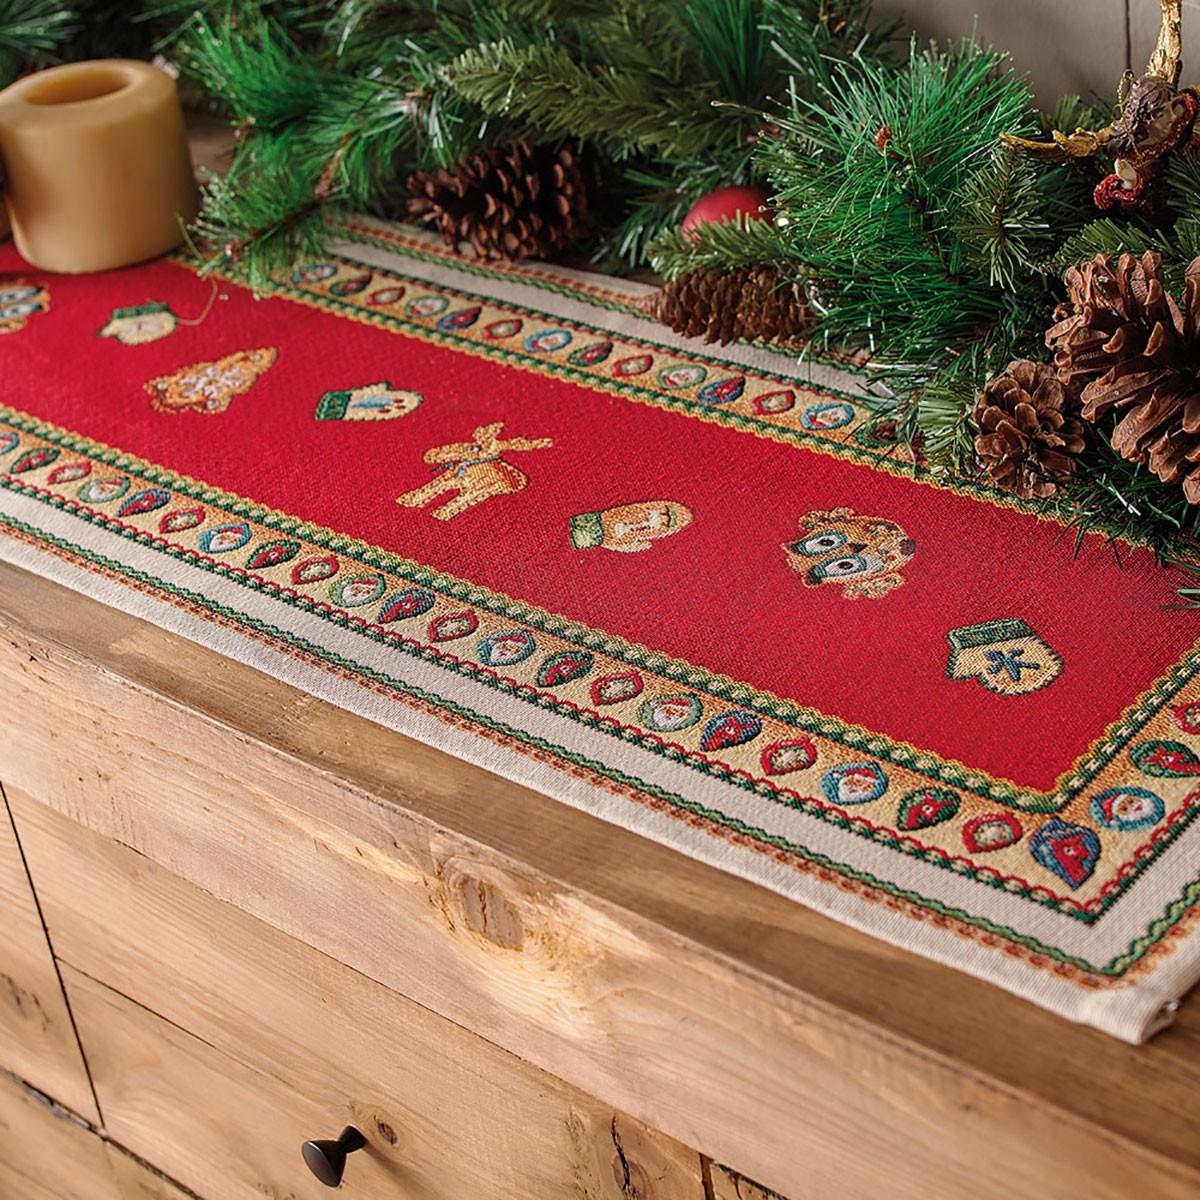 Χριστουγεννιάτικη Τραβέρσα Gofis Home Carrol 204